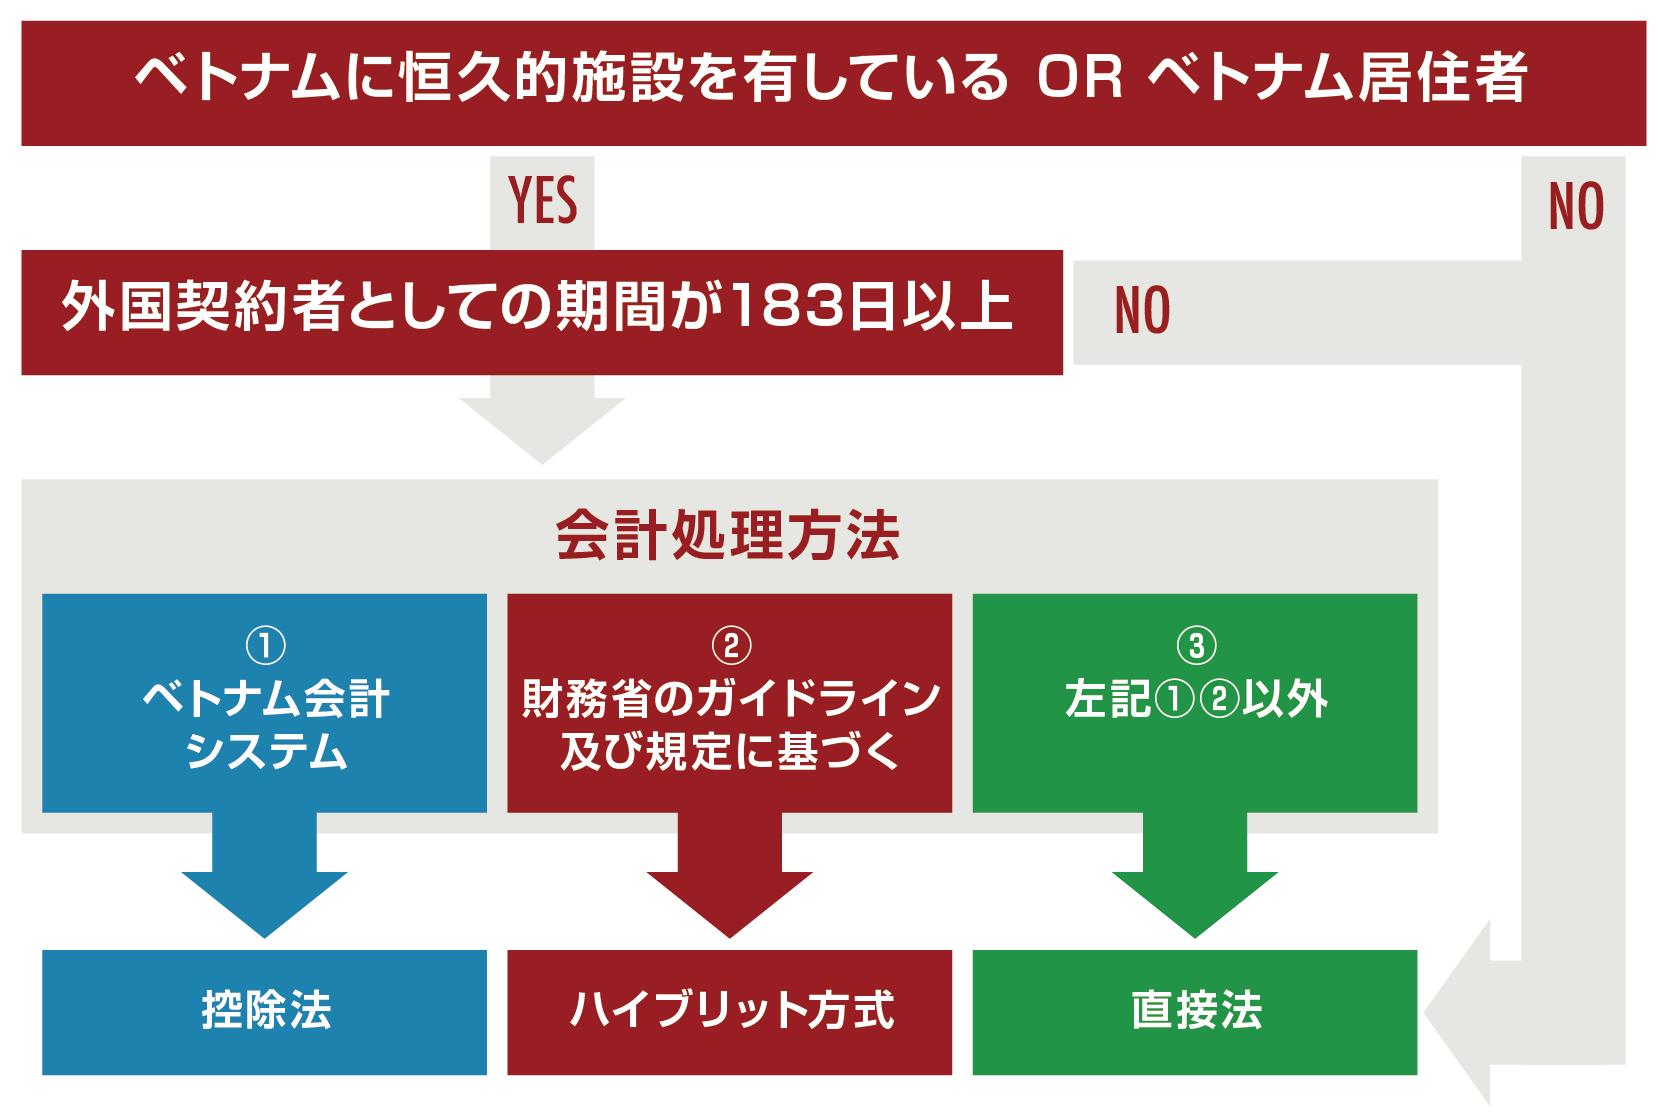 外国契約者税の申告納税方法